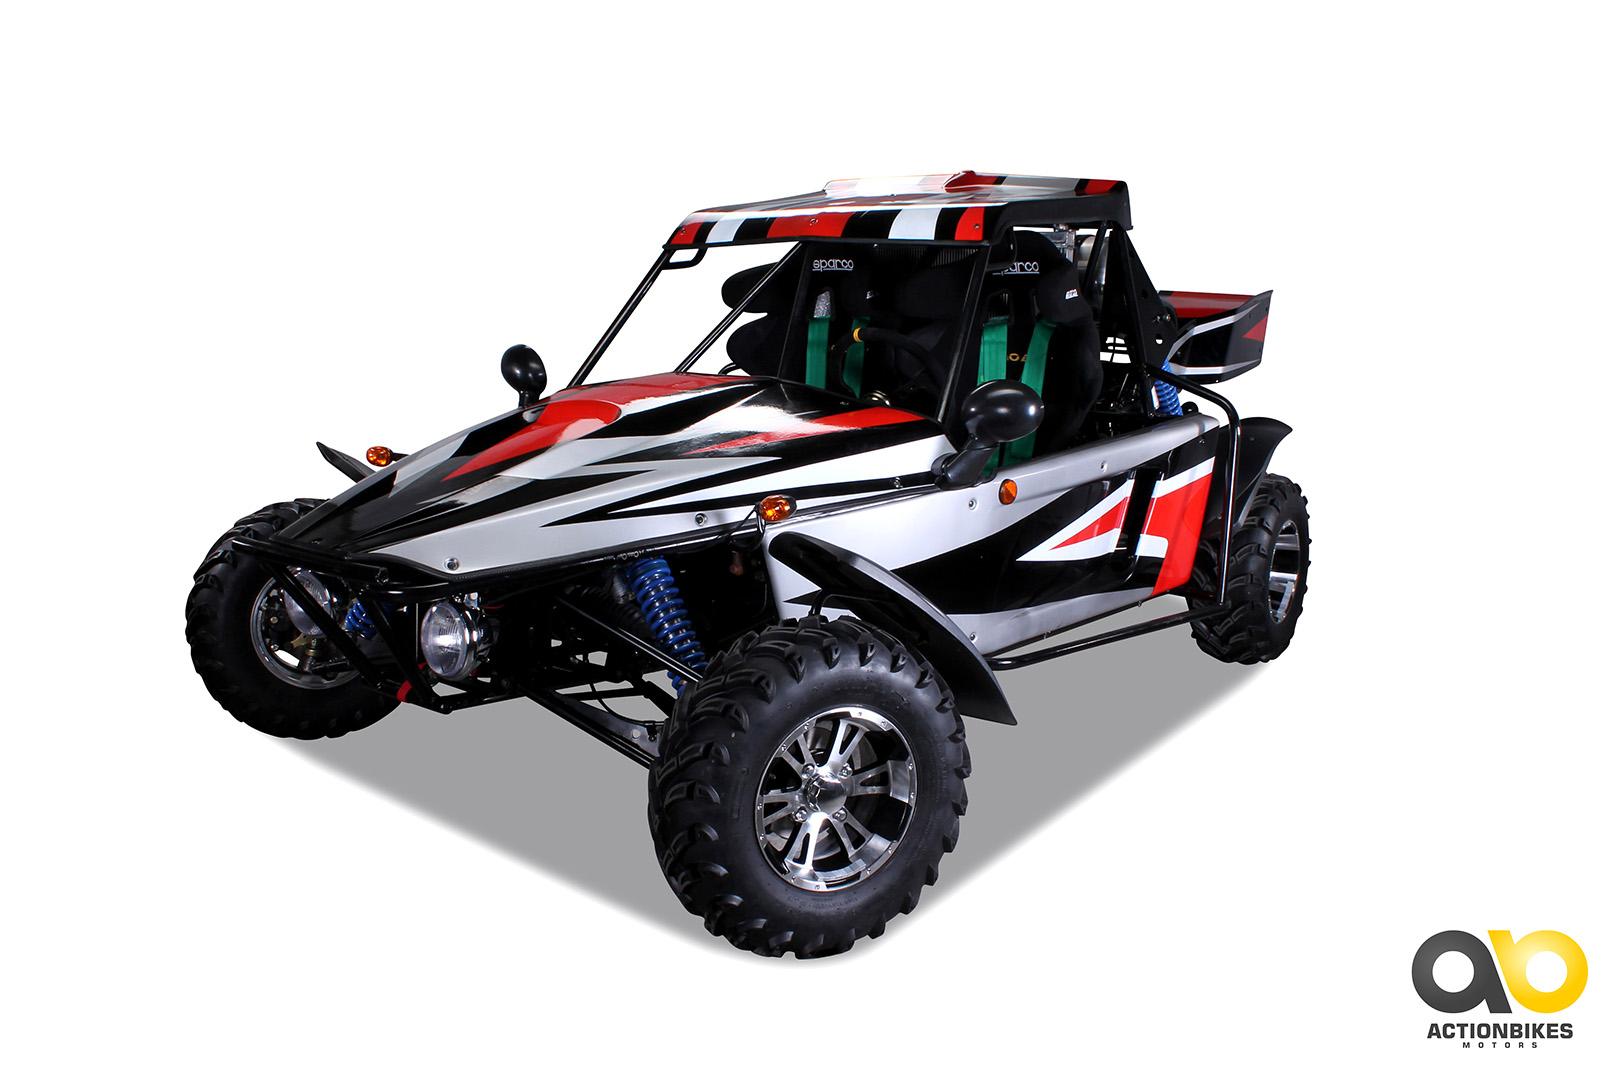 monster buggy fbf racer 1100 cc efi 4x4 mit. Black Bedroom Furniture Sets. Home Design Ideas